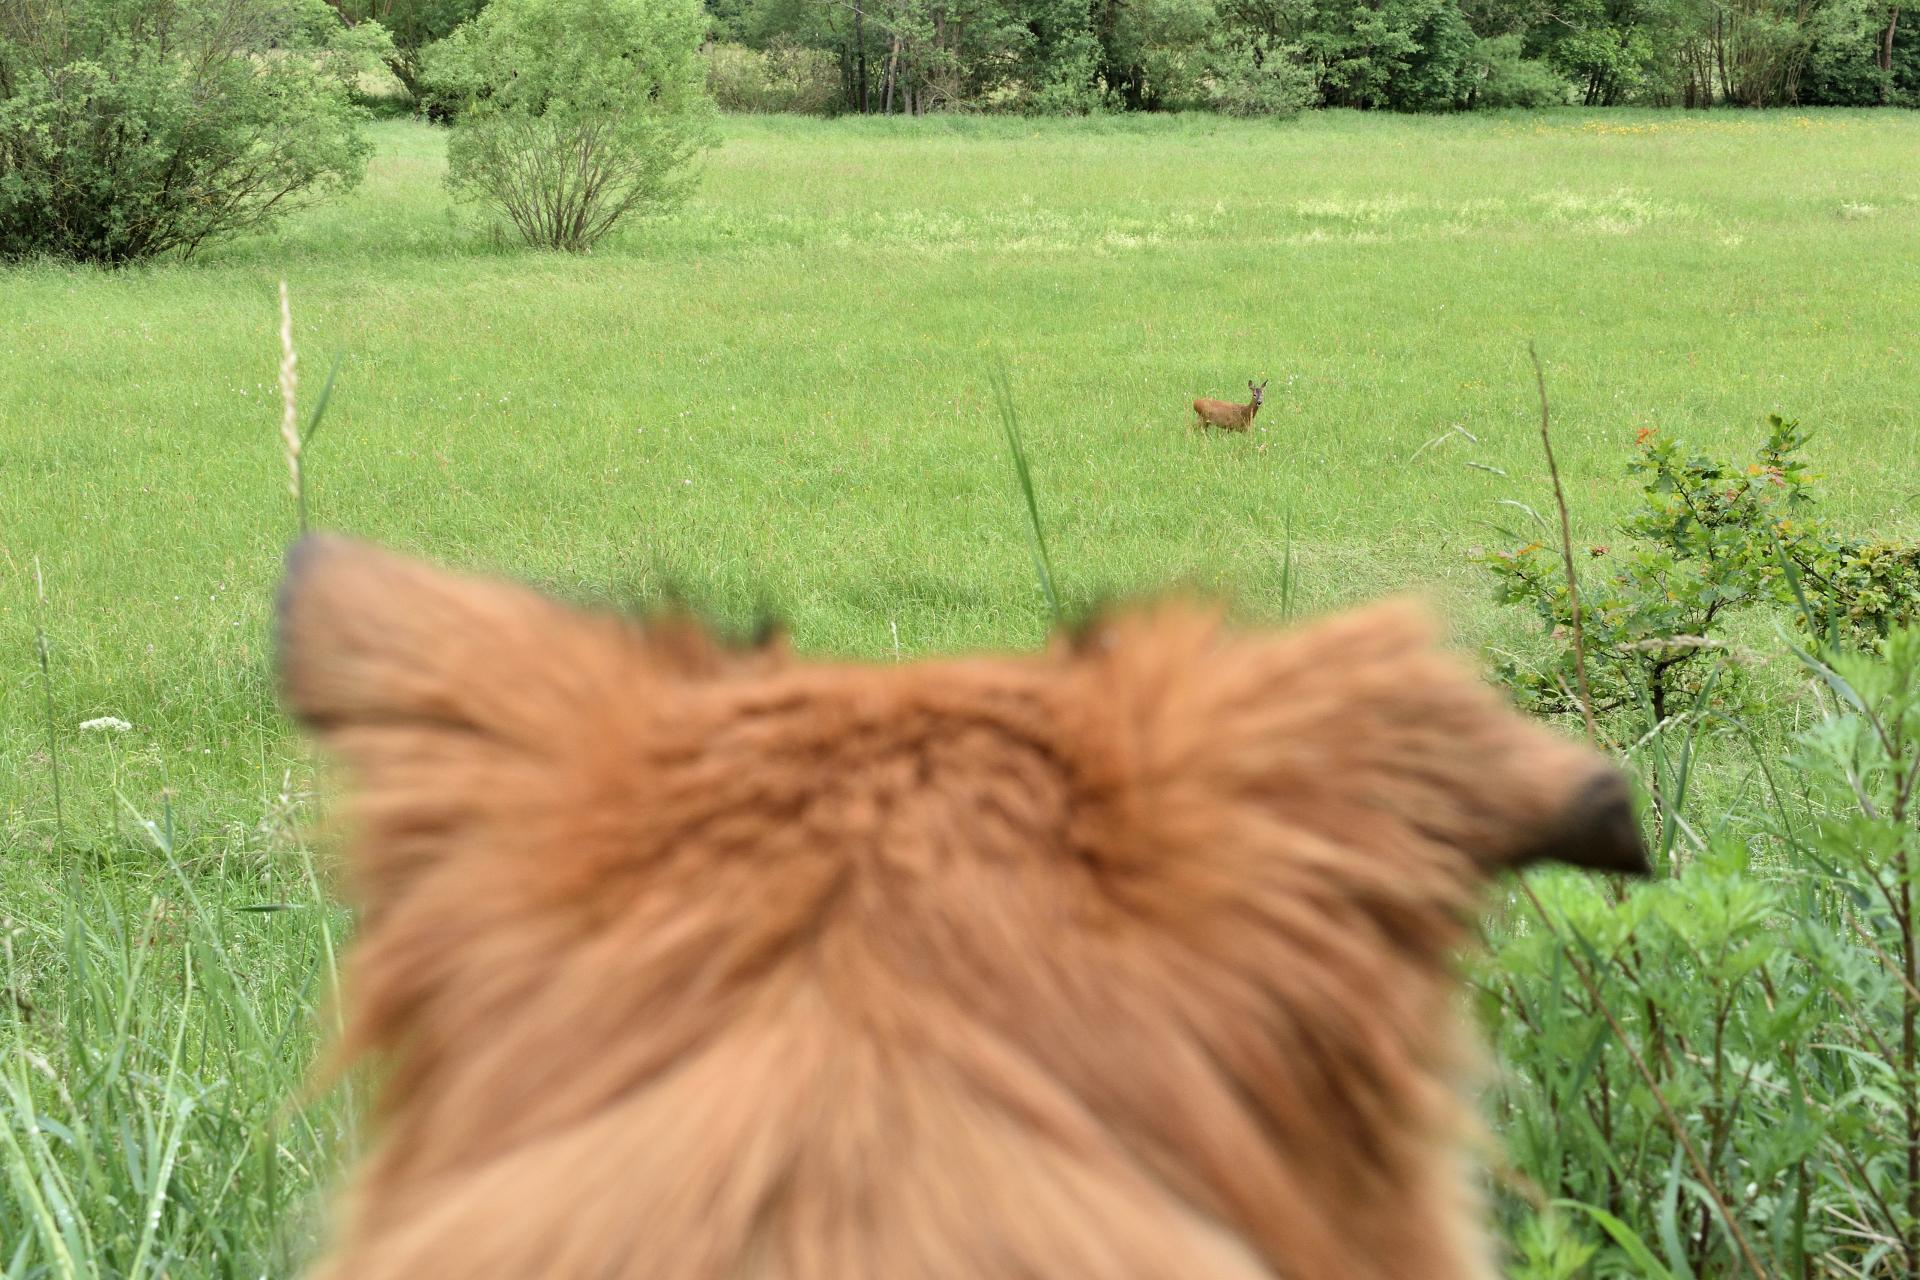 Auge in Auge... | Nonverbale Kommunikation ist das A und O tierischer Freundschaften - selbst auf dieser Distanz verstehen wir uns blendend! :-)